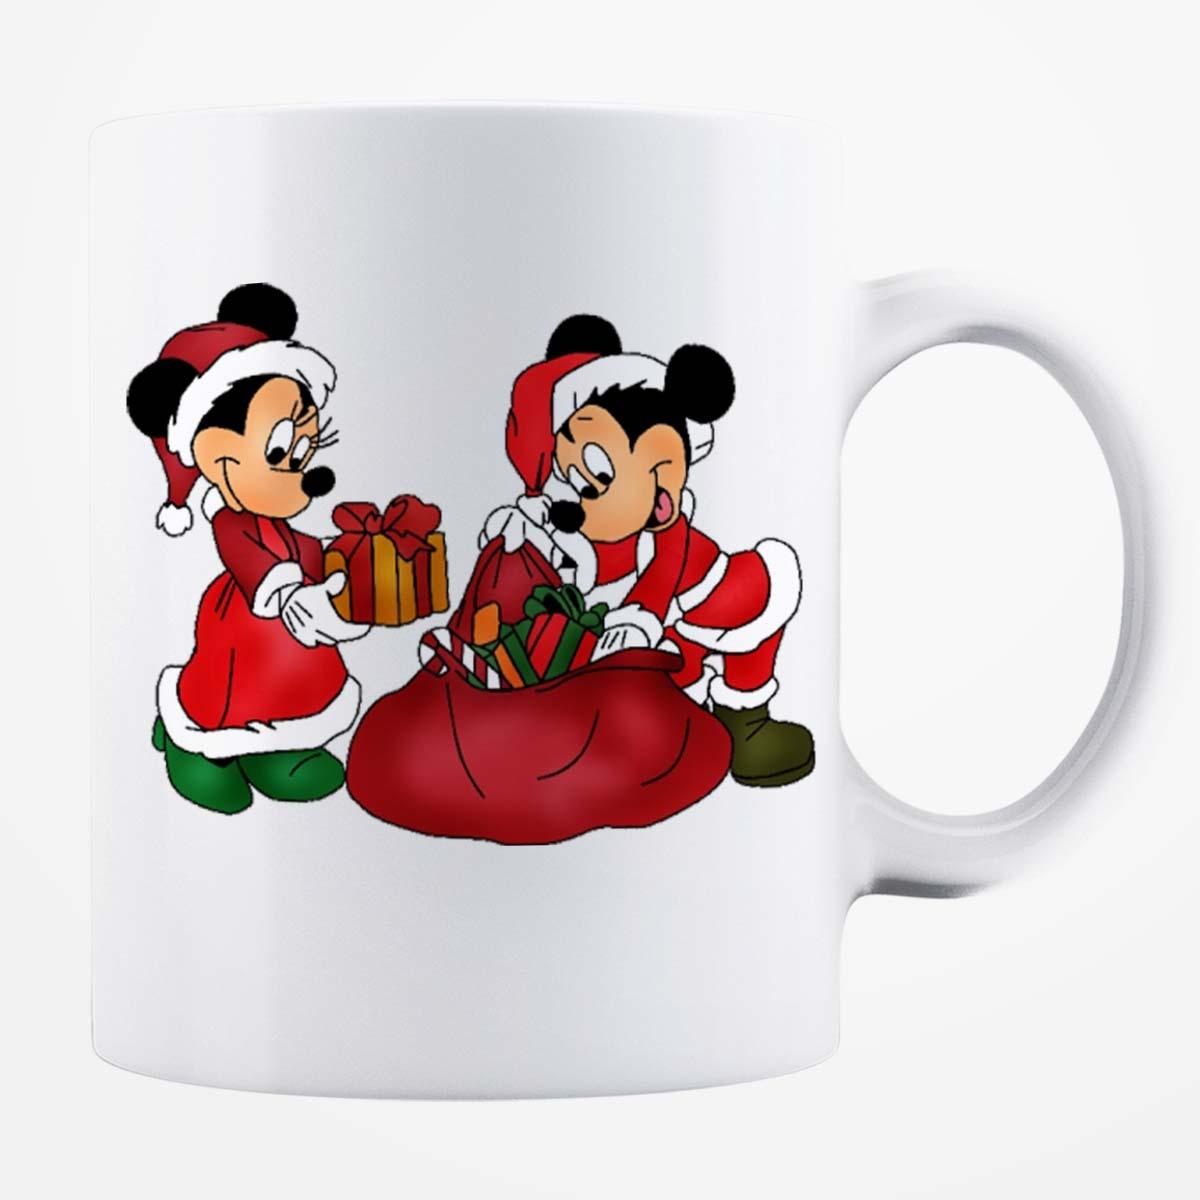 Cană albă personalizată - Minnie și Mickey